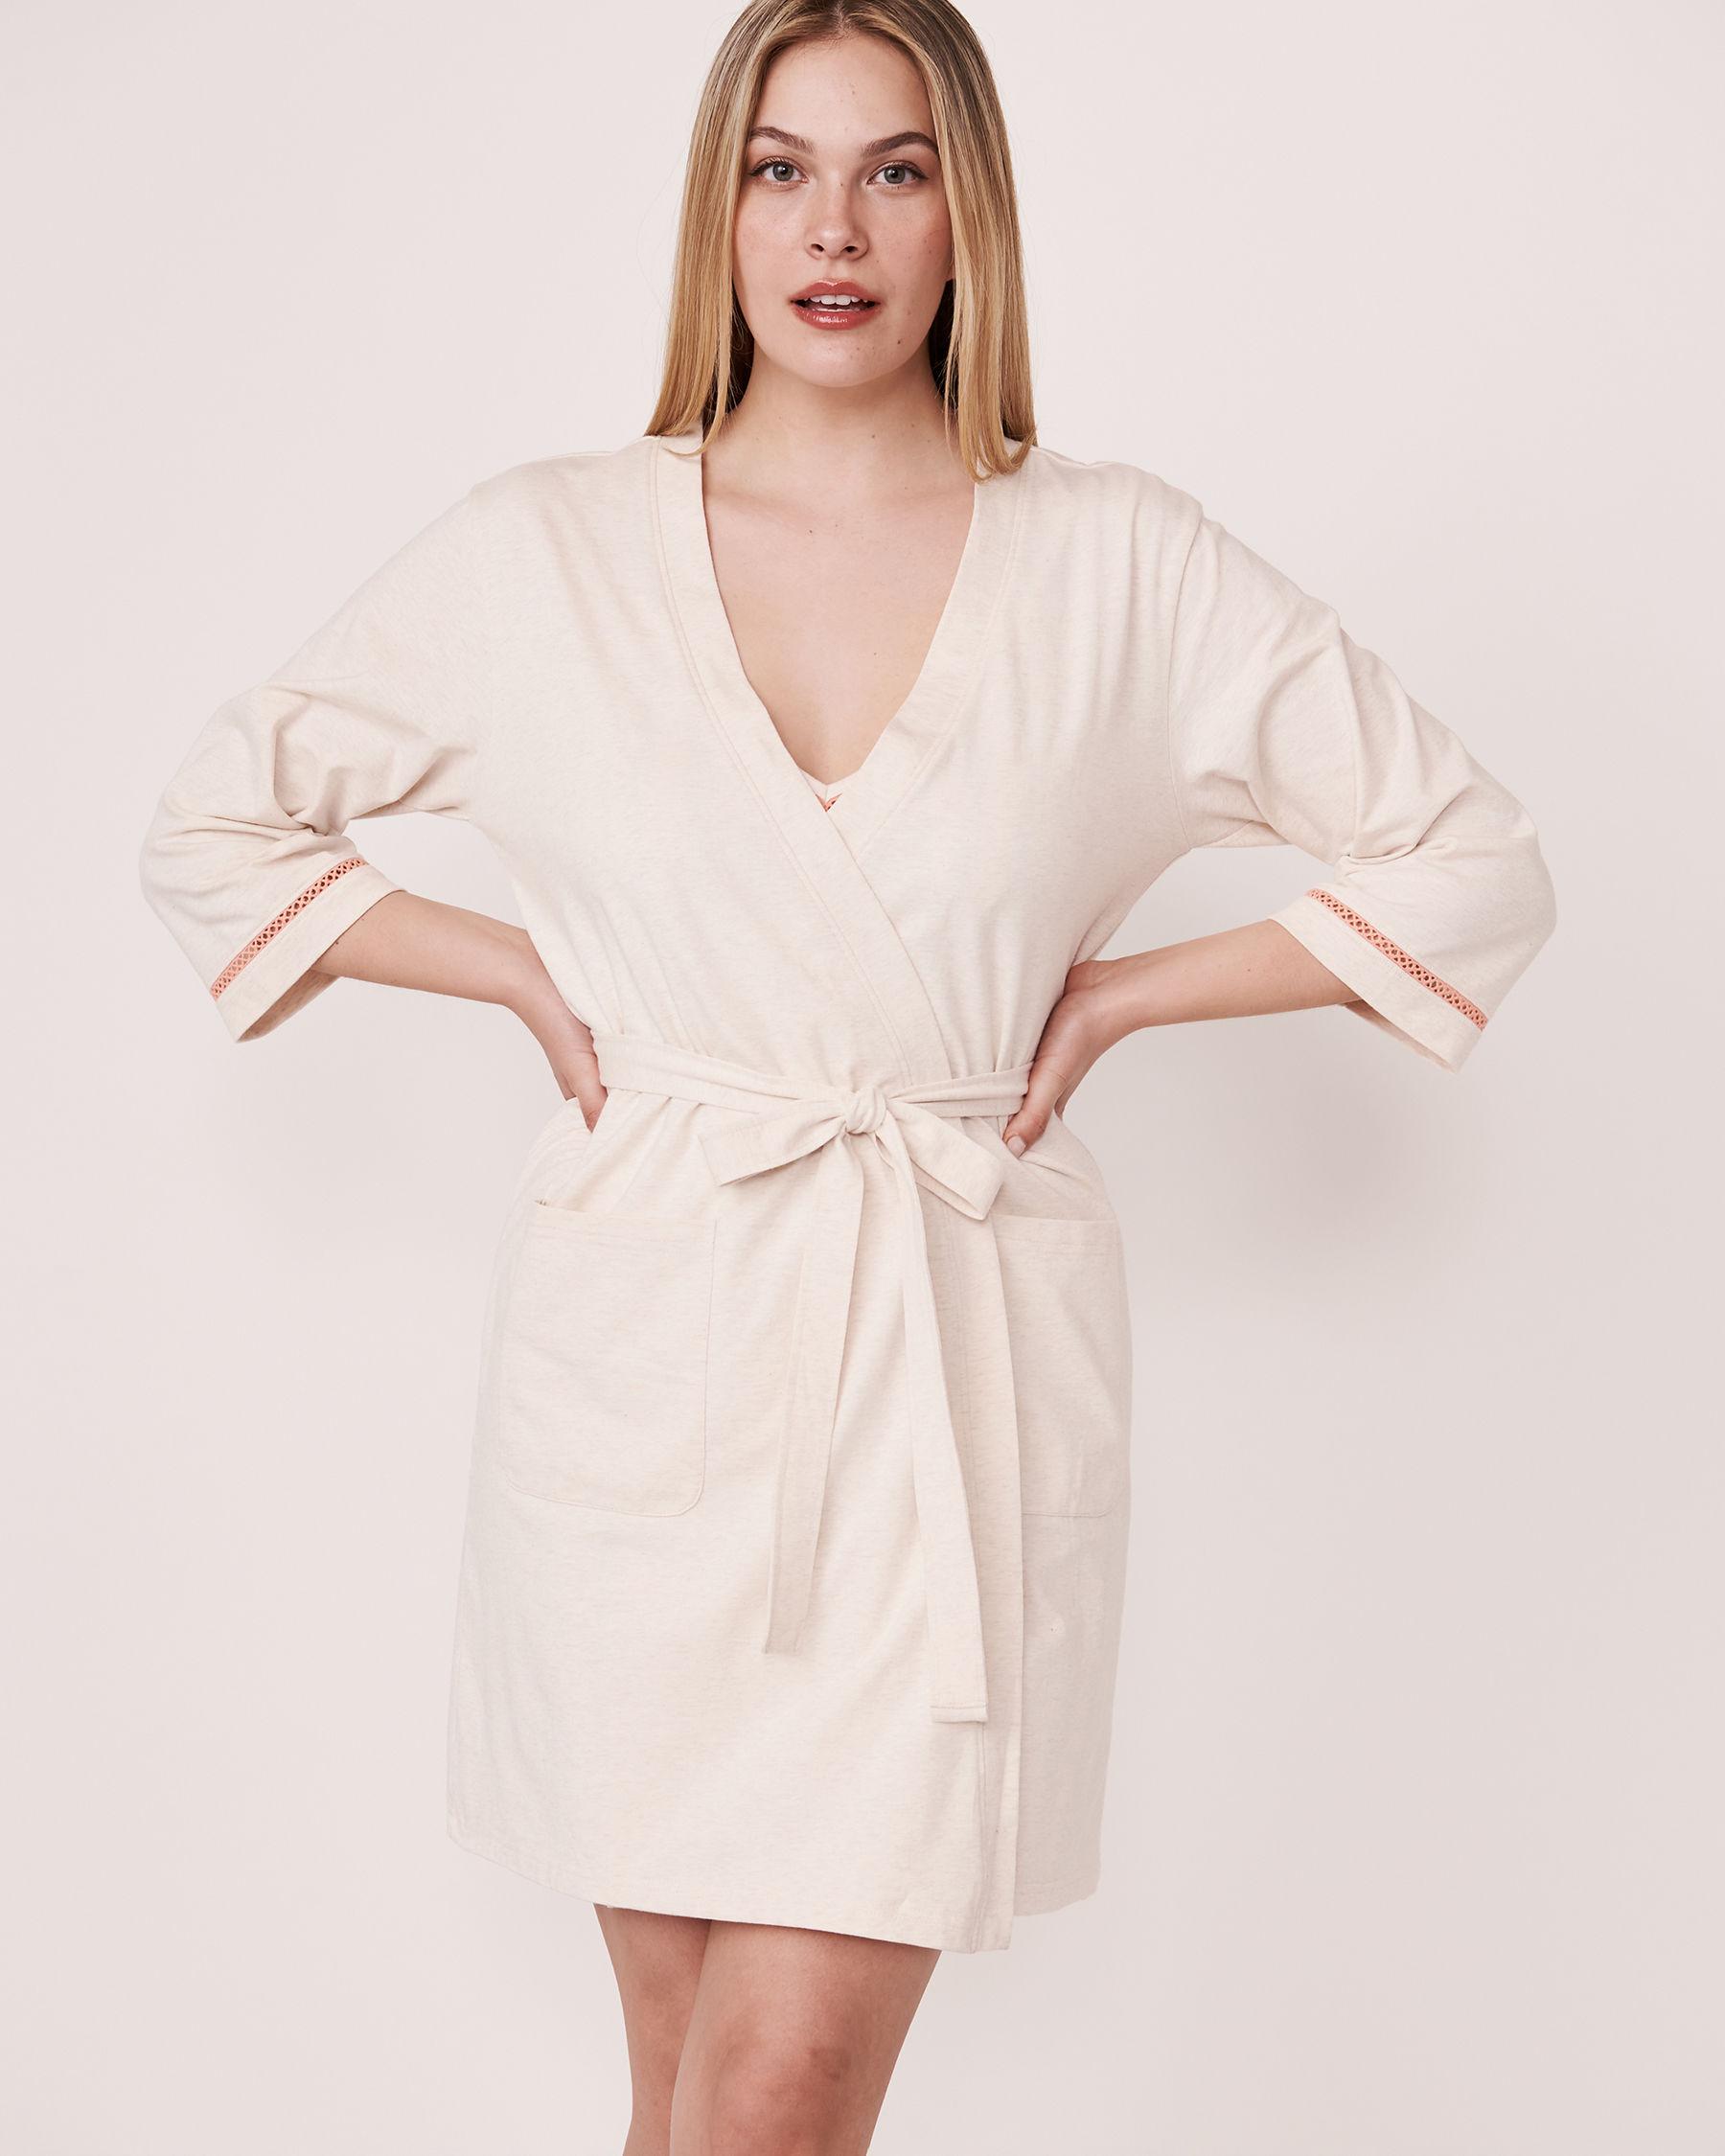 LA VIE EN ROSE Organic Cotton Kimono Grey mix 40600009 - View1